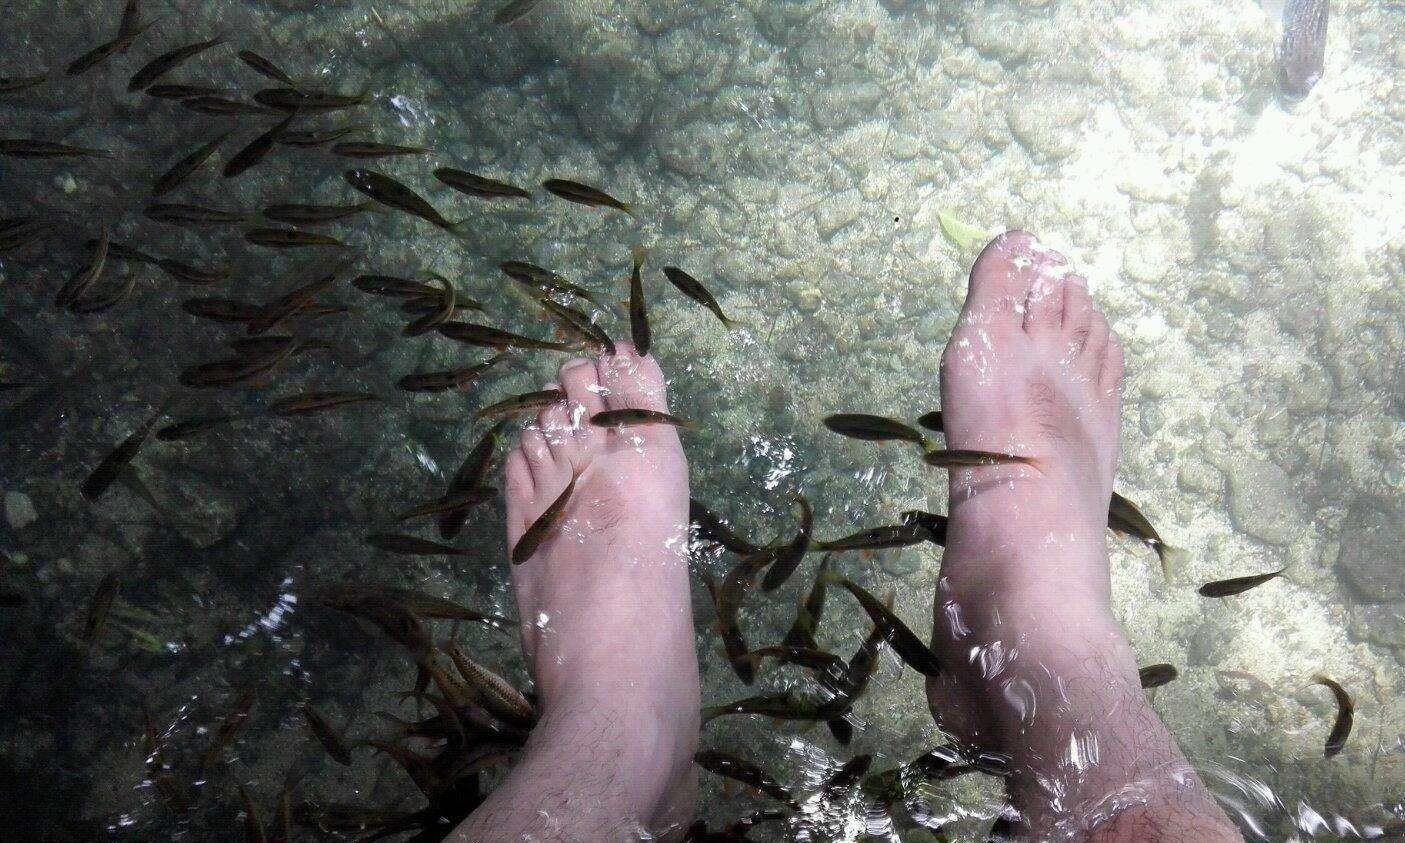 爱吃脚皮的温泉鱼到底有多恐怖?老外用大鱼测试,看完瑟瑟发抖